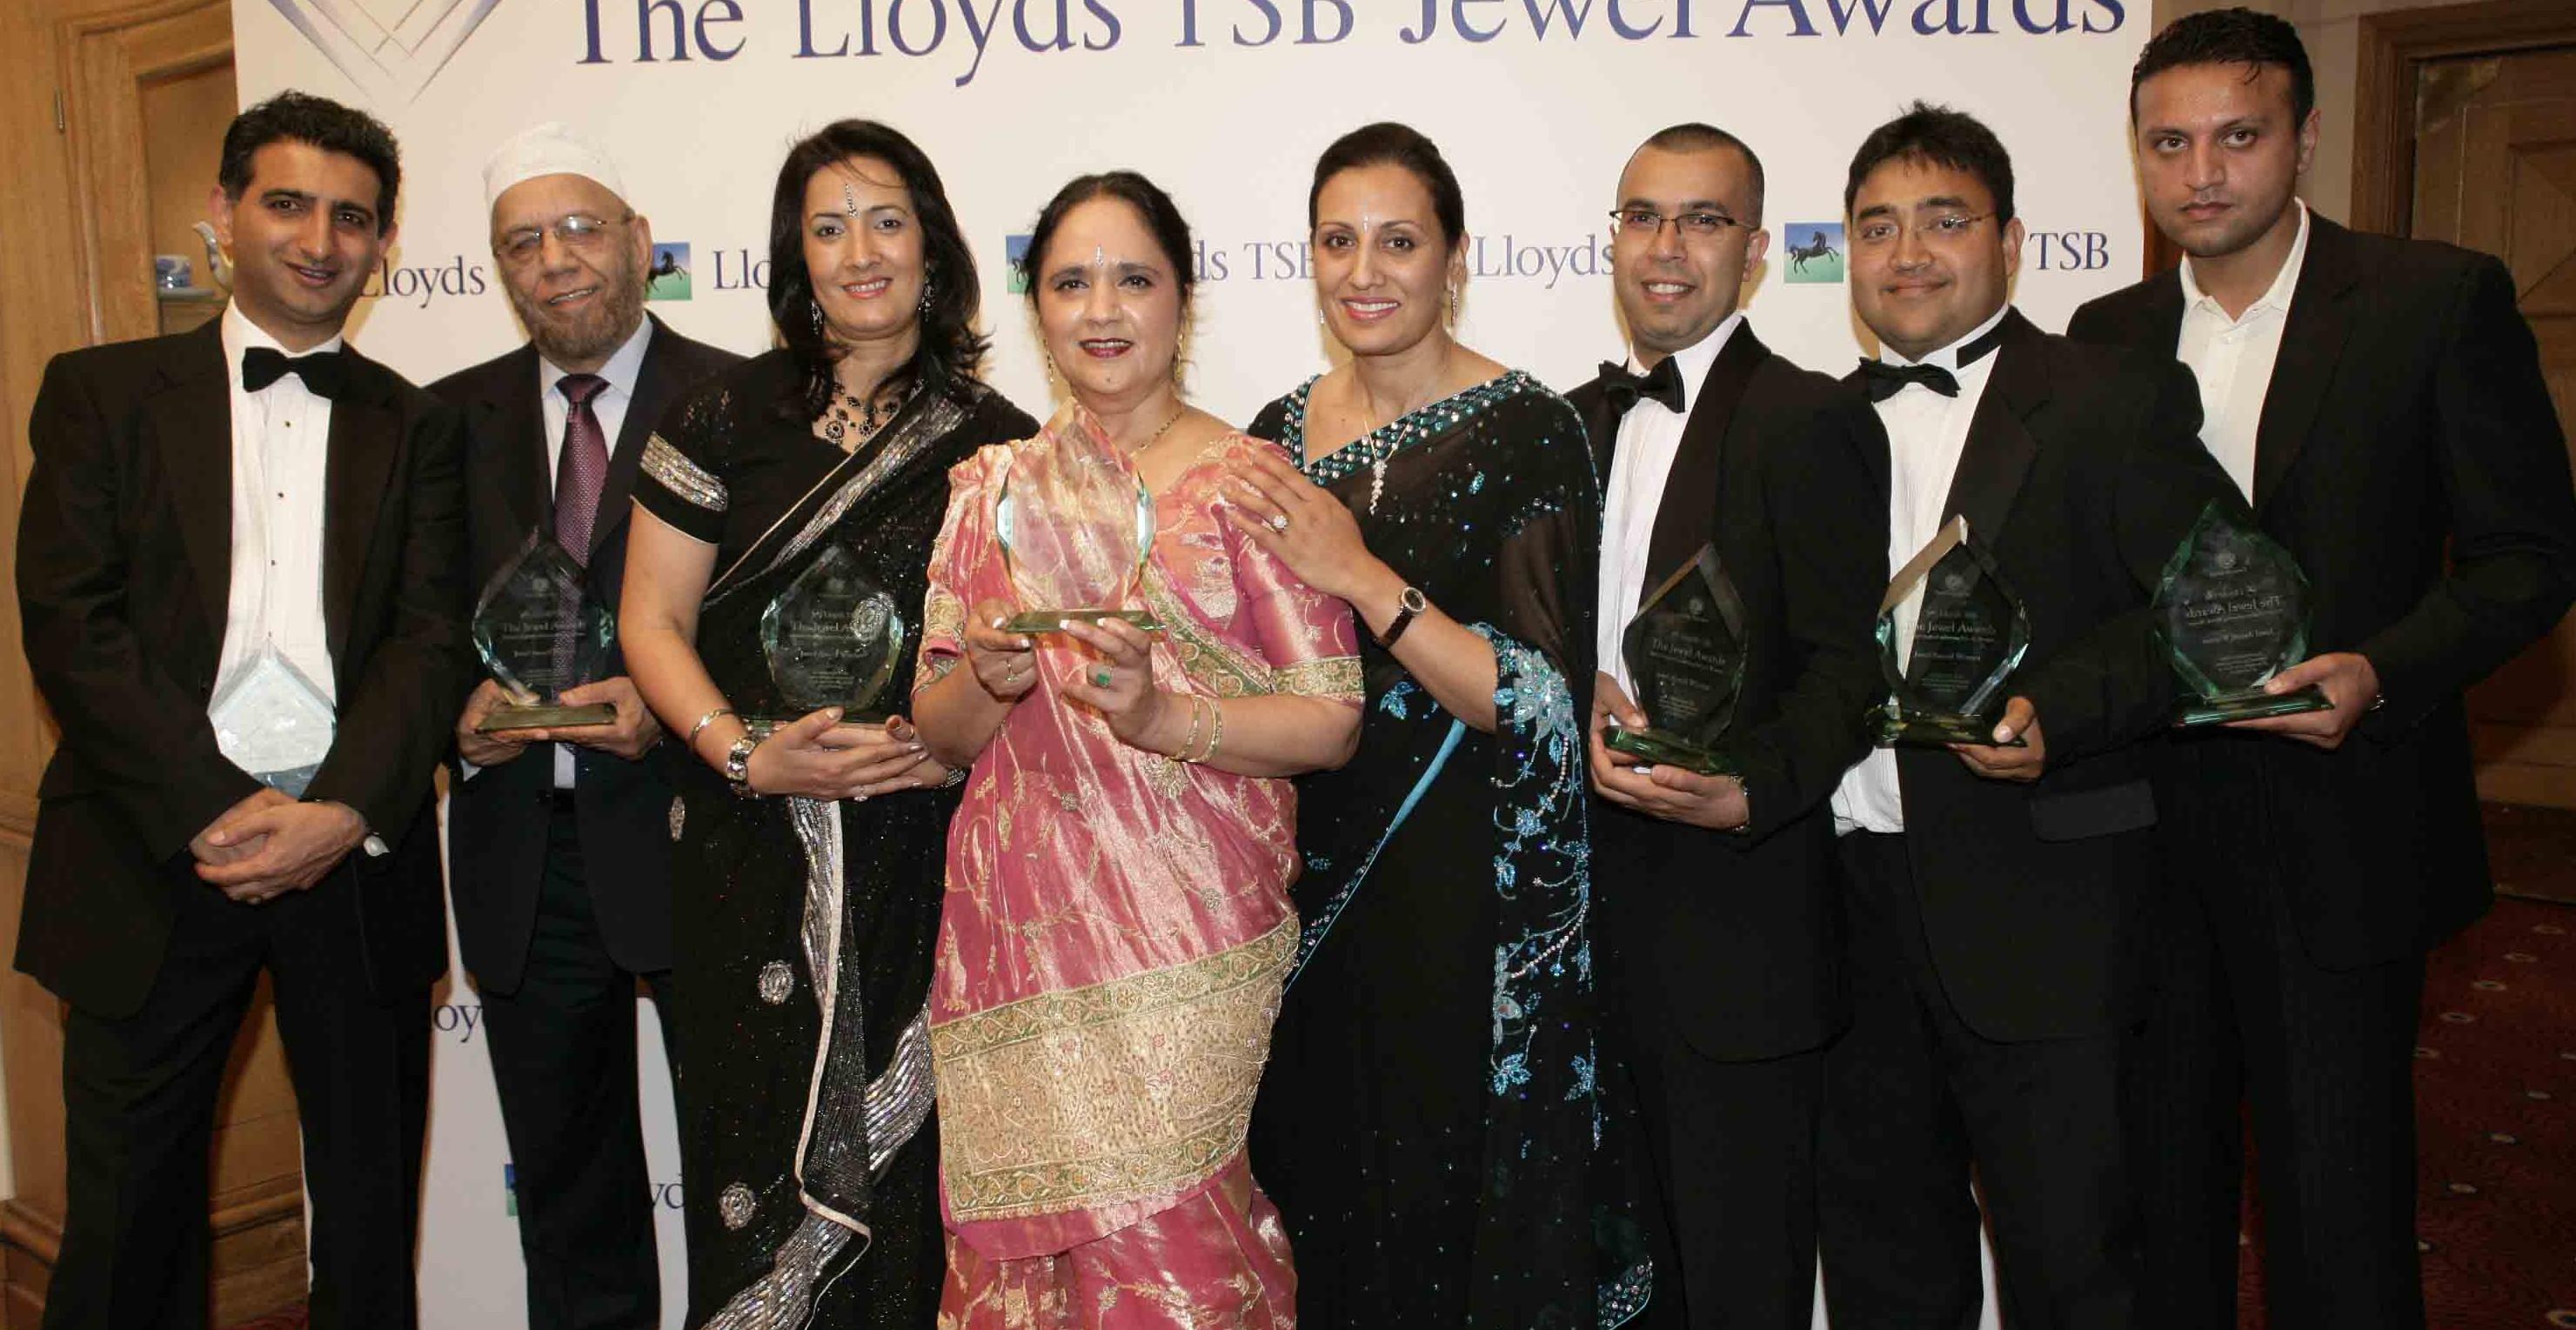 awards asian manchester jewel